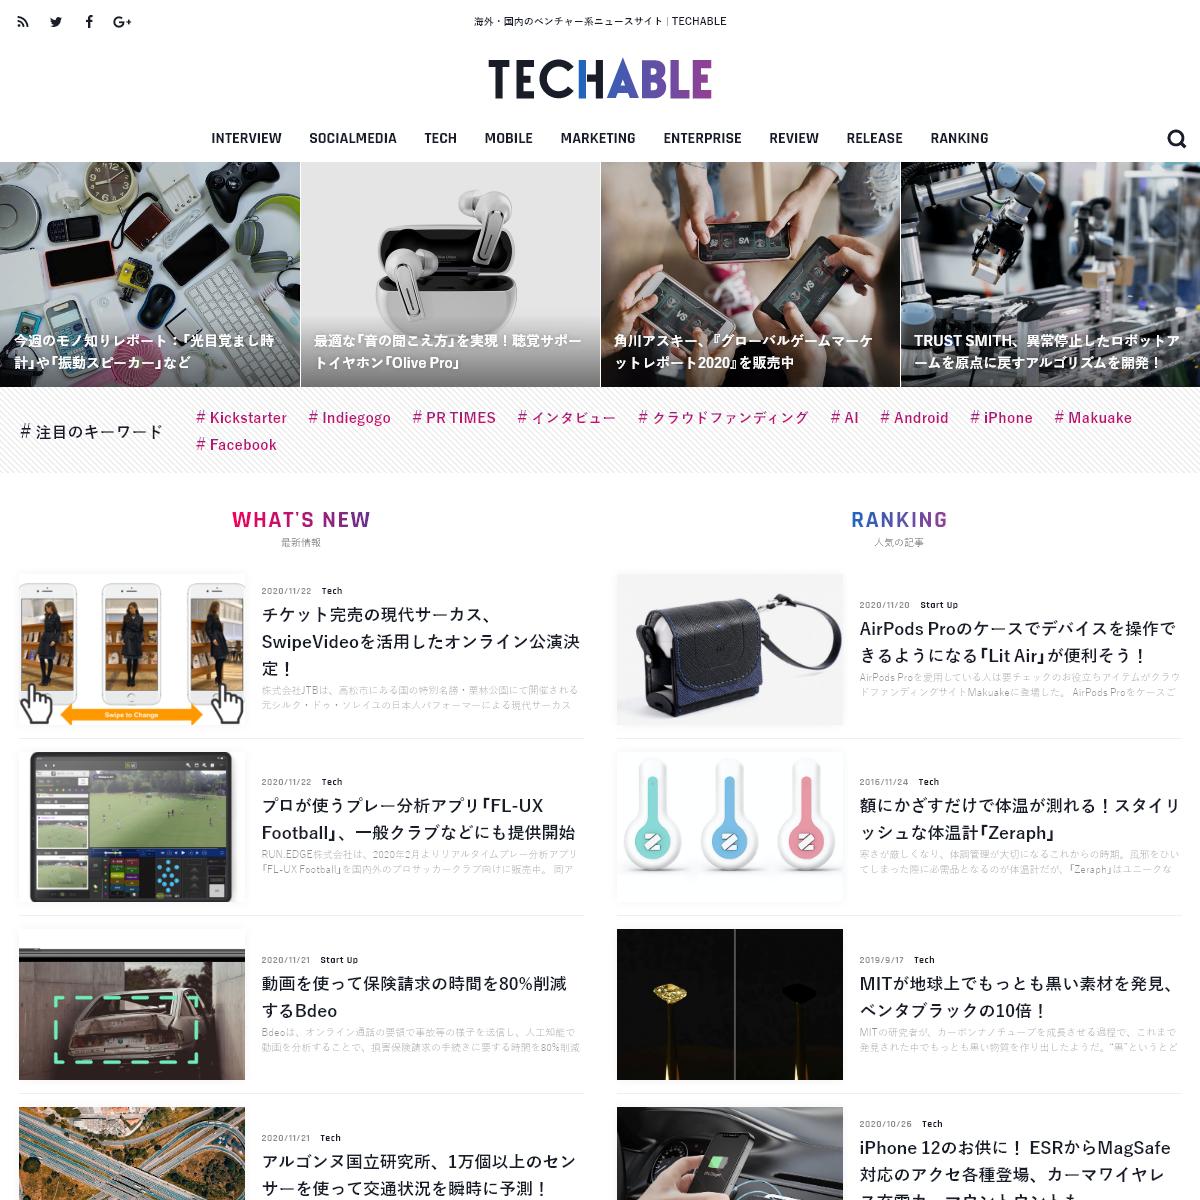 Techable(テッカブル) -海外・国内のネットベンチャー系ニュースサイト - Techable(テッカブル�